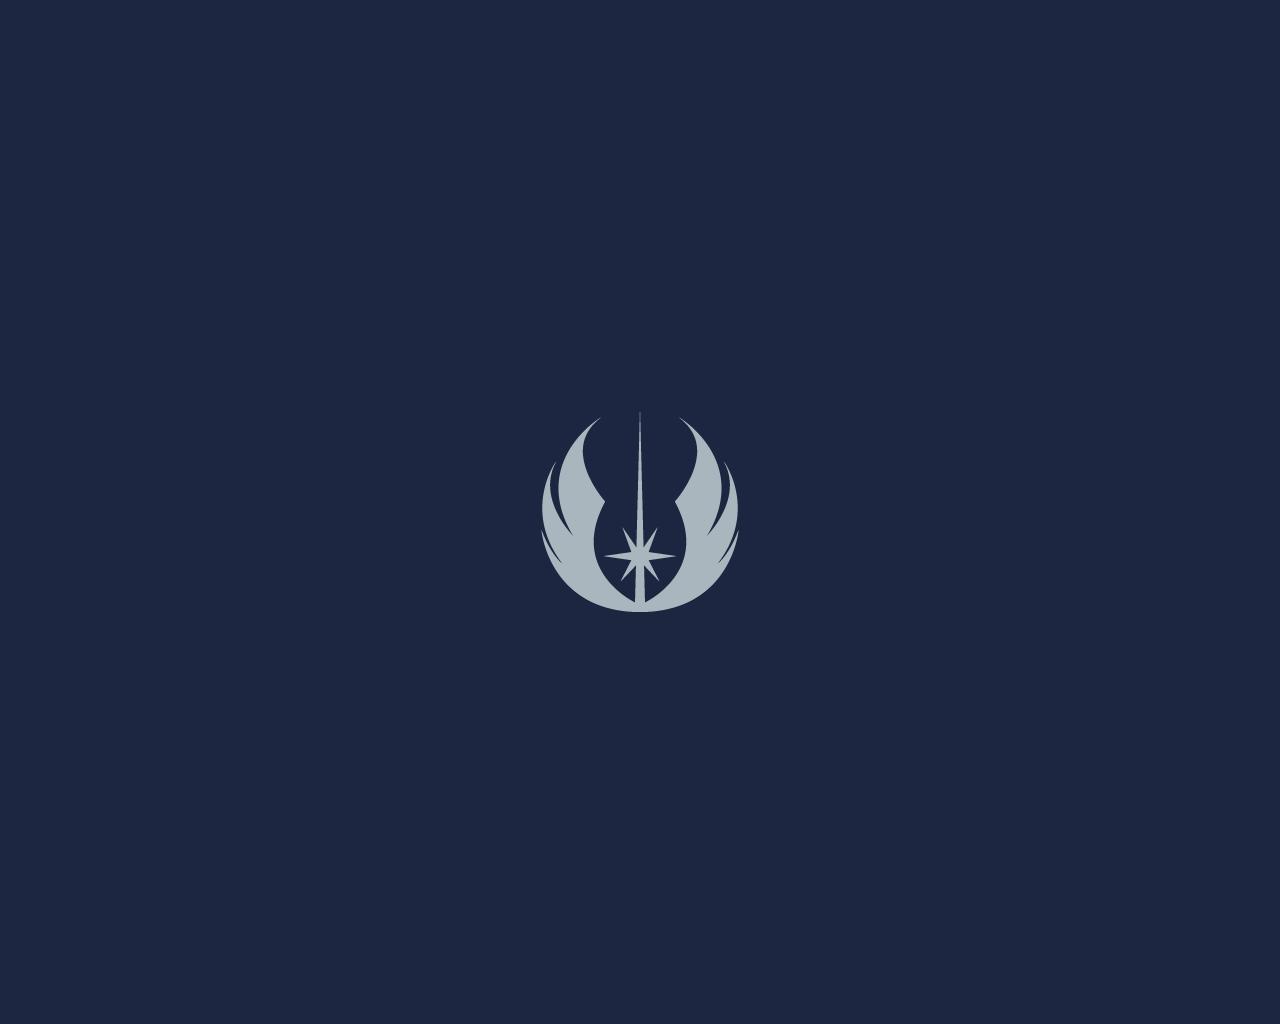 Minimalist Star Wars Wallpaper: Jedi Emblem By Diros On